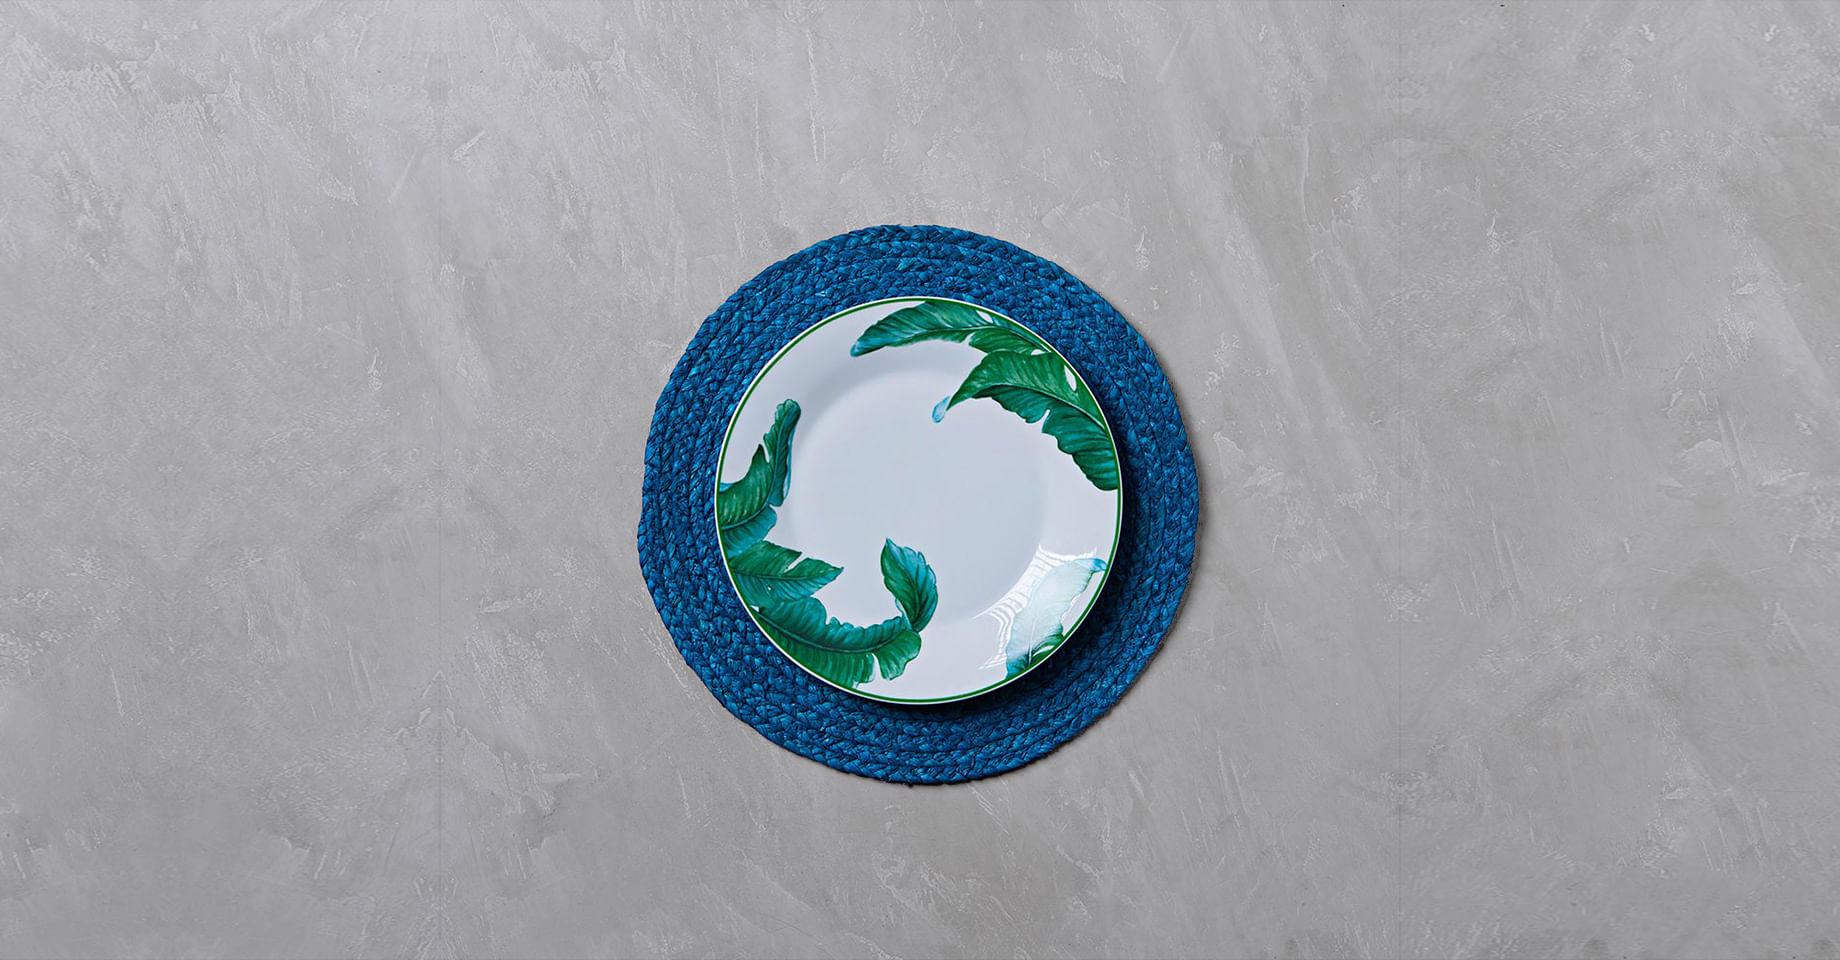 010304069_004_1-JOGO-AMERICANO-MALDIVAS